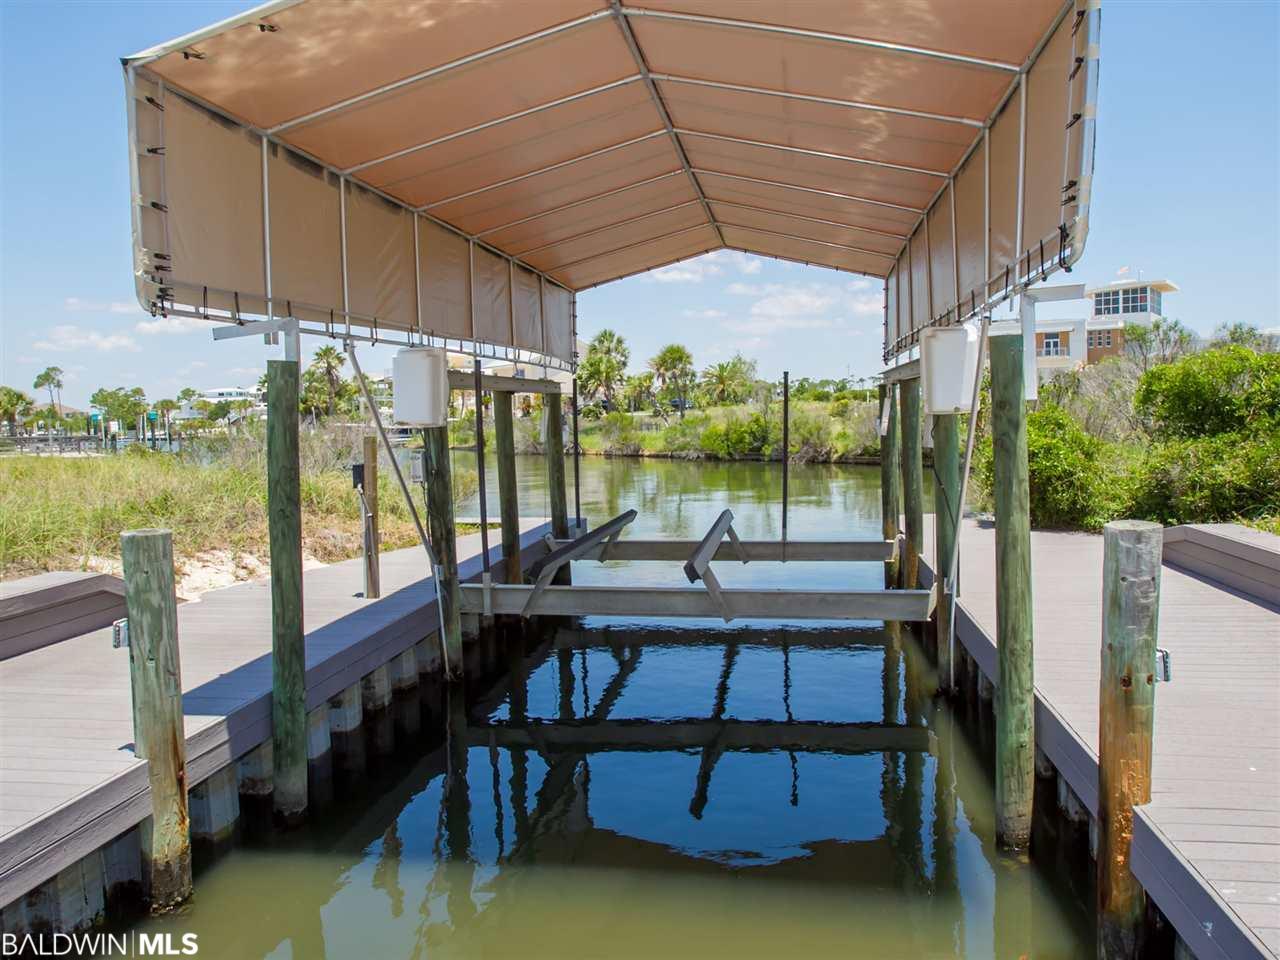 7292 Capt. Kidd Reef, Perdido Key, FL 32507